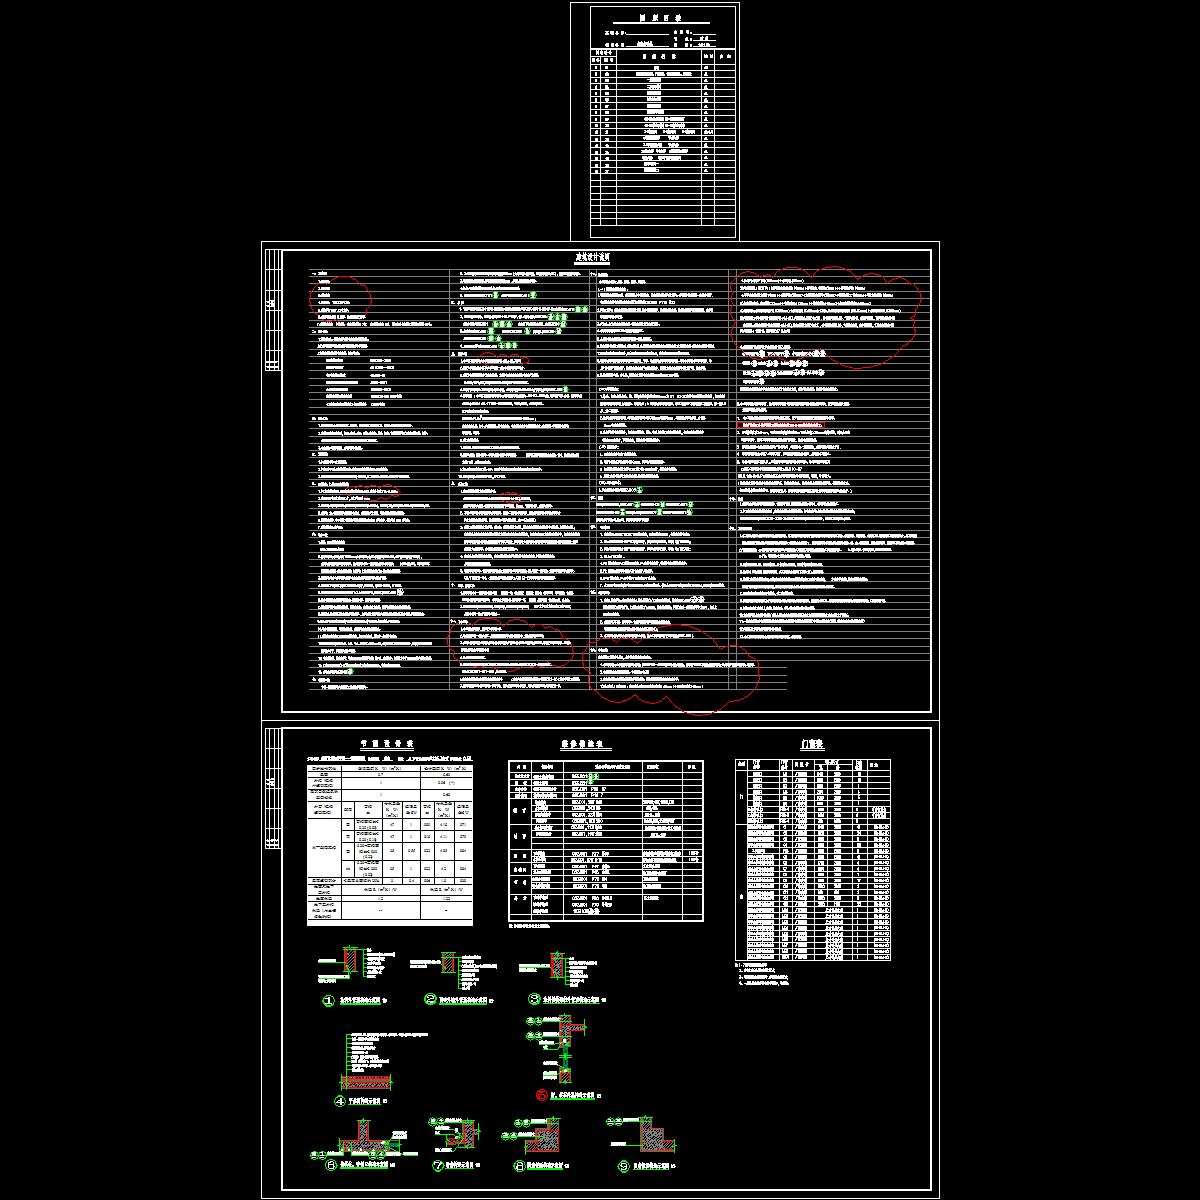 机电实训楼建筑设计说明及目录1_t3.dwg